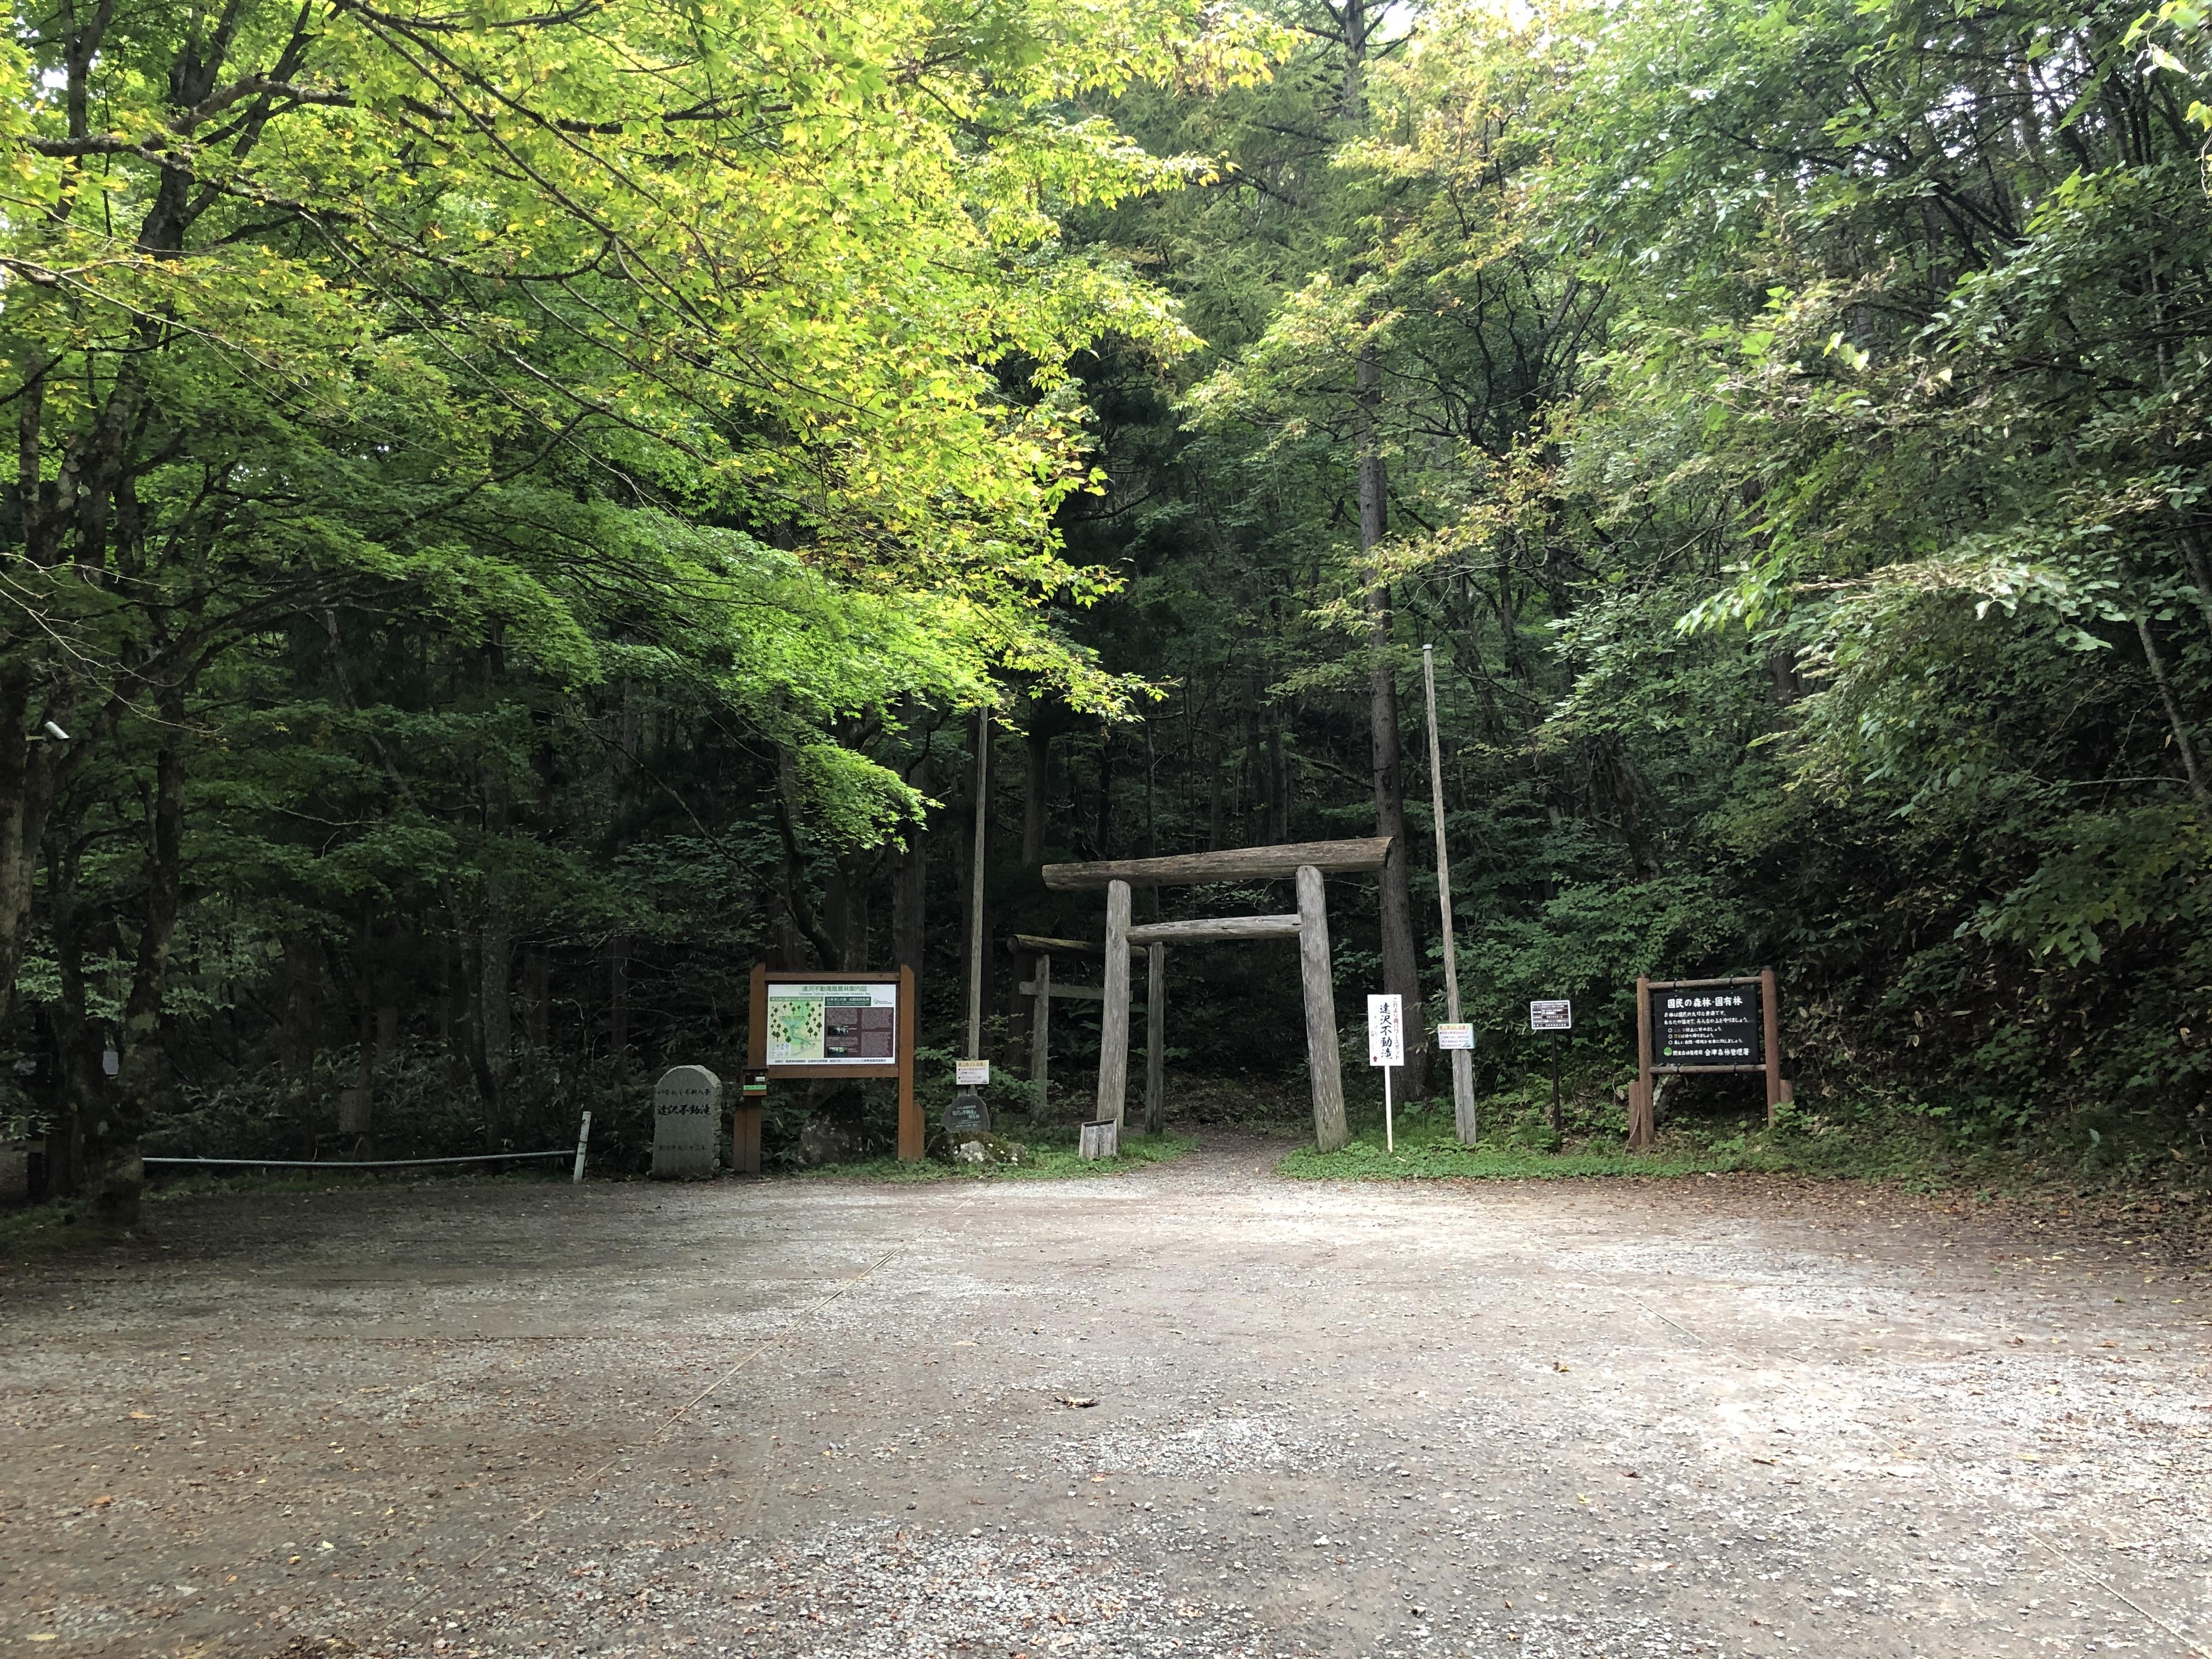 Troikaさんと福島県で一番人気の滝に行ってきた!